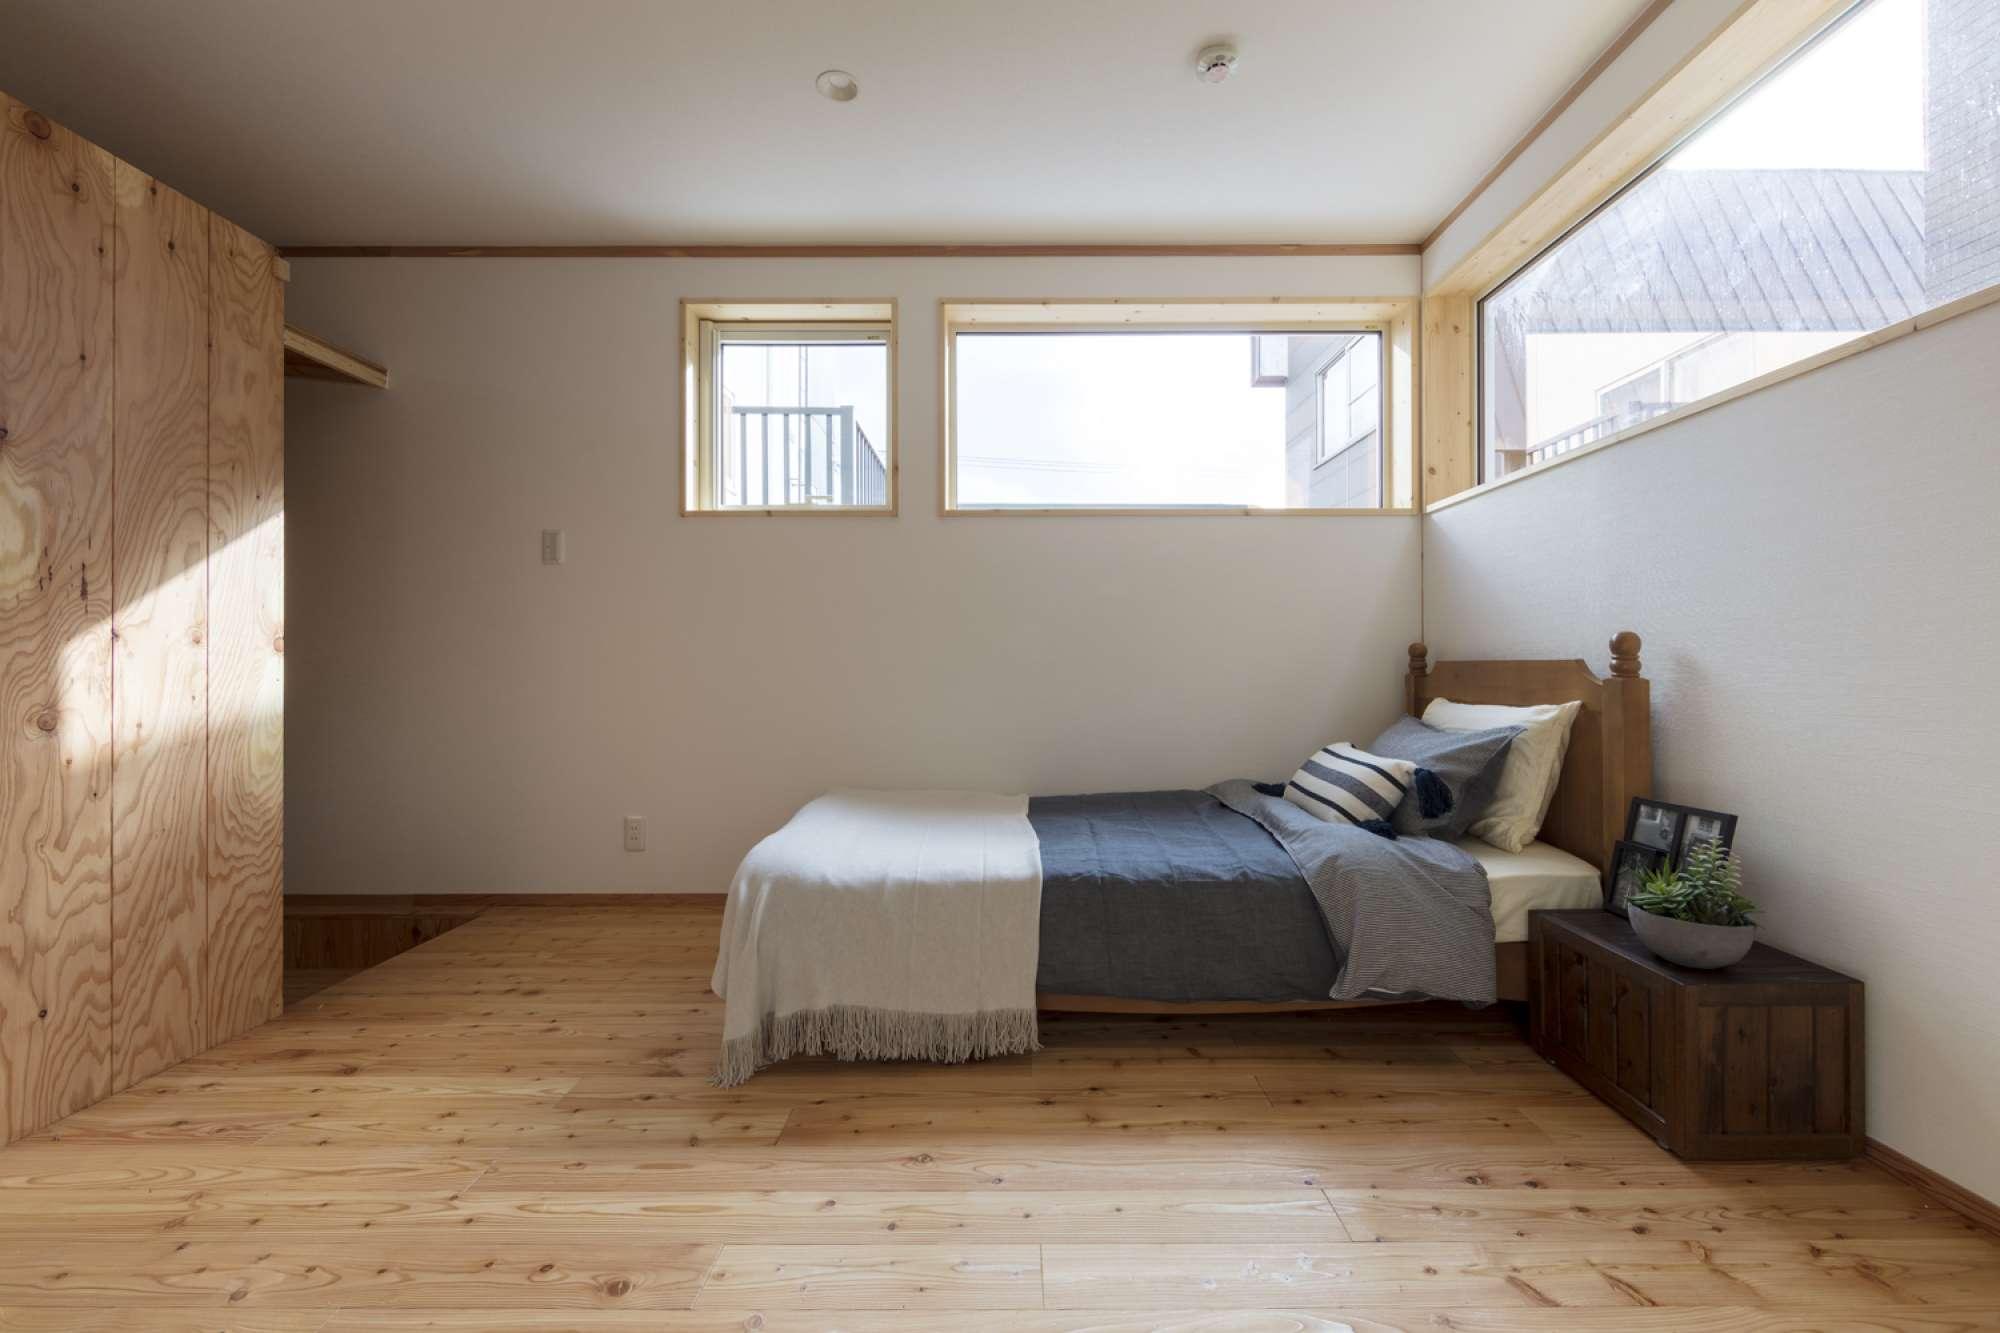 1階 寝室 -  -  -